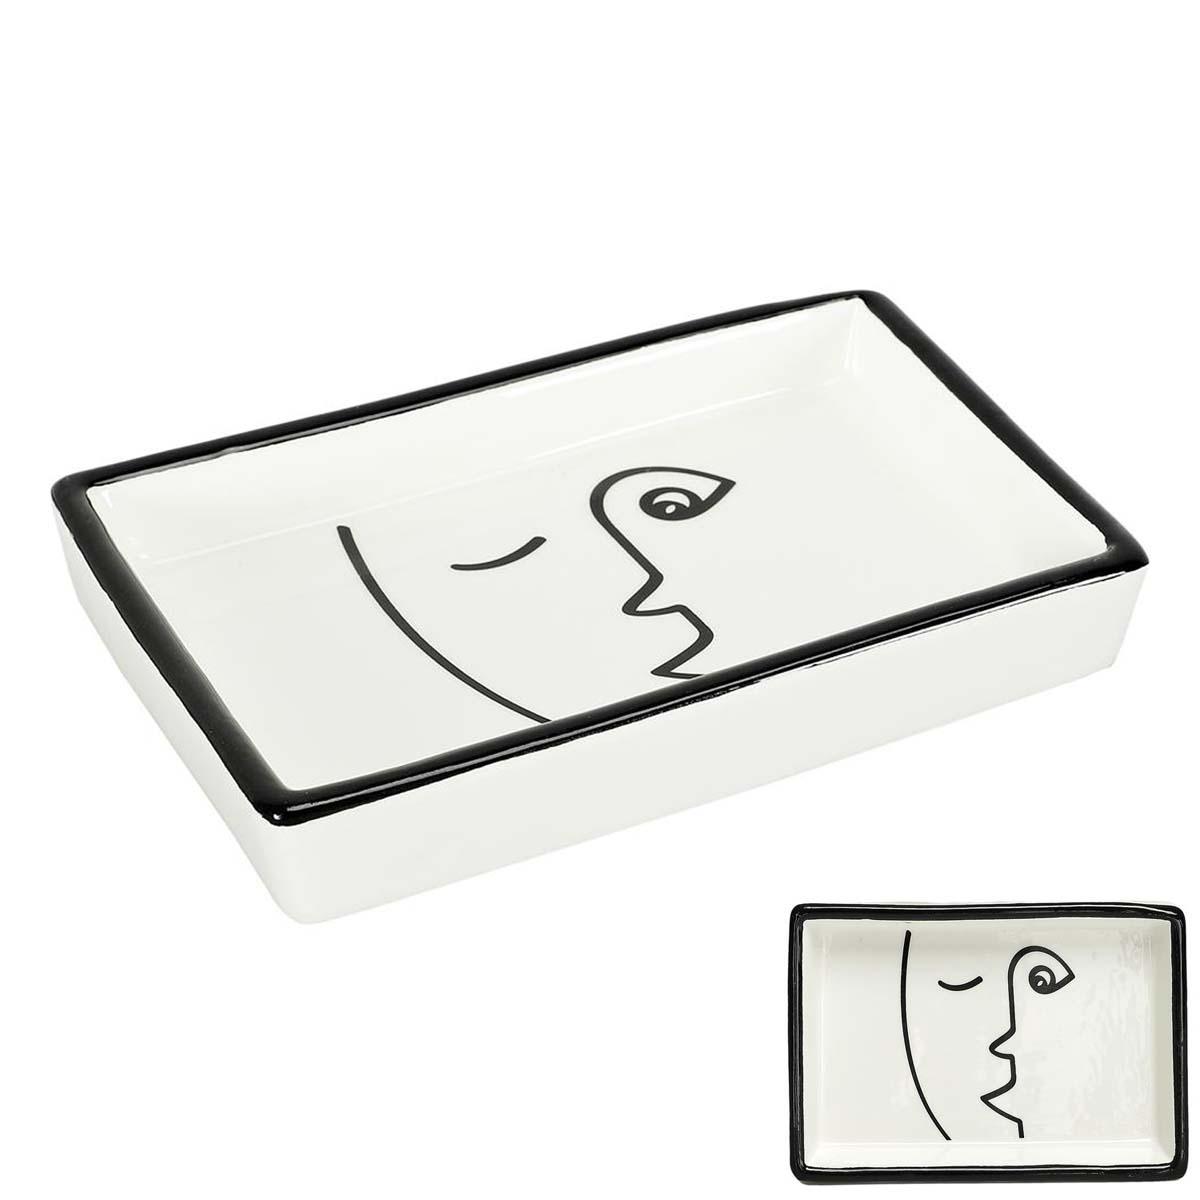 Vide-poches céramique \'Arty\' noir blanc - 155x105x25 cm - [A0898]